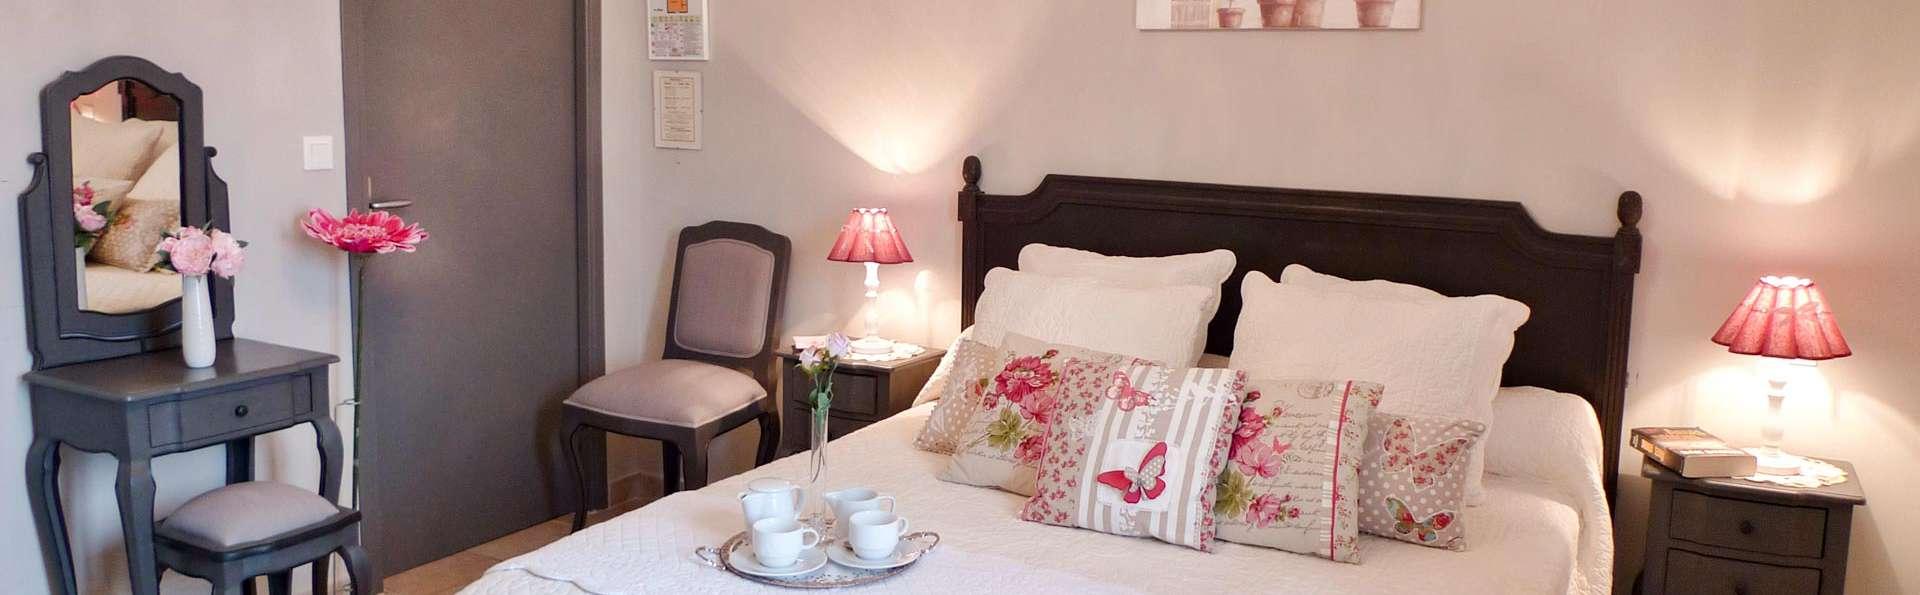 Hôtel l'Orangeraie - EDIT_NEW_ROOM_02.jpg